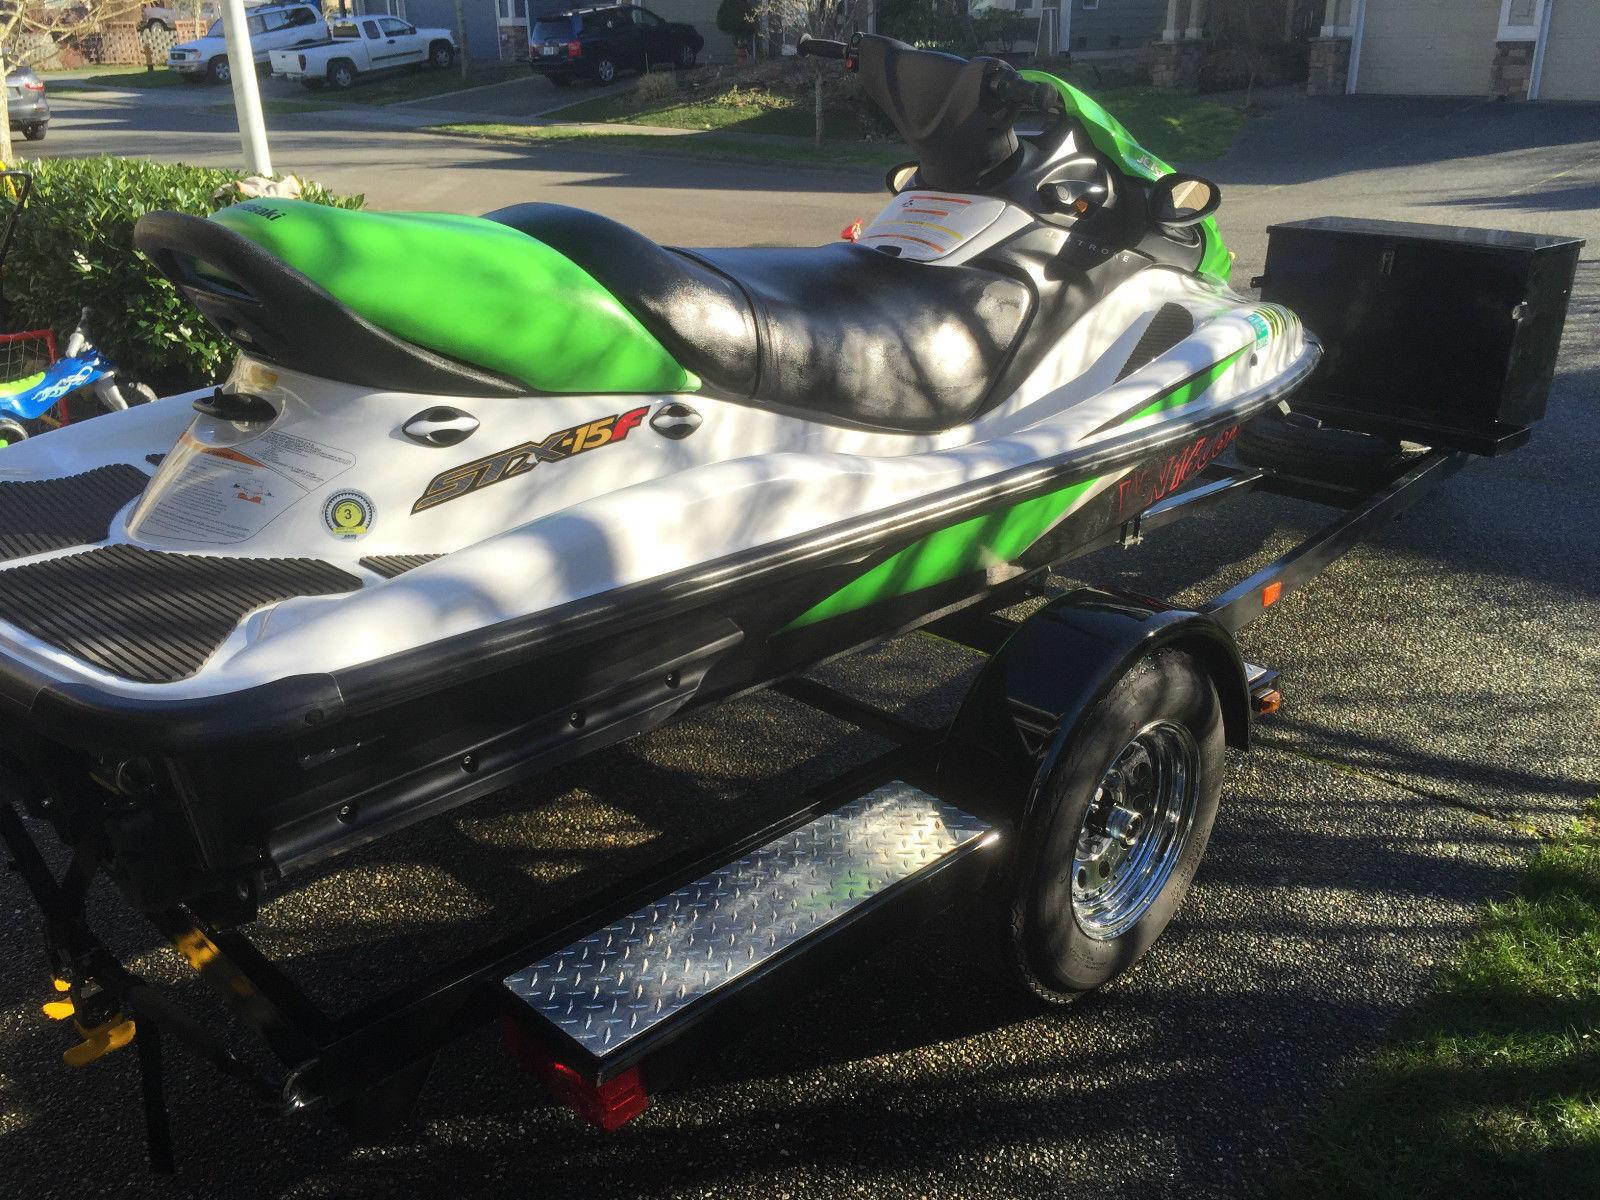 Kawasaki Jet Ski Stx  F Oil Change